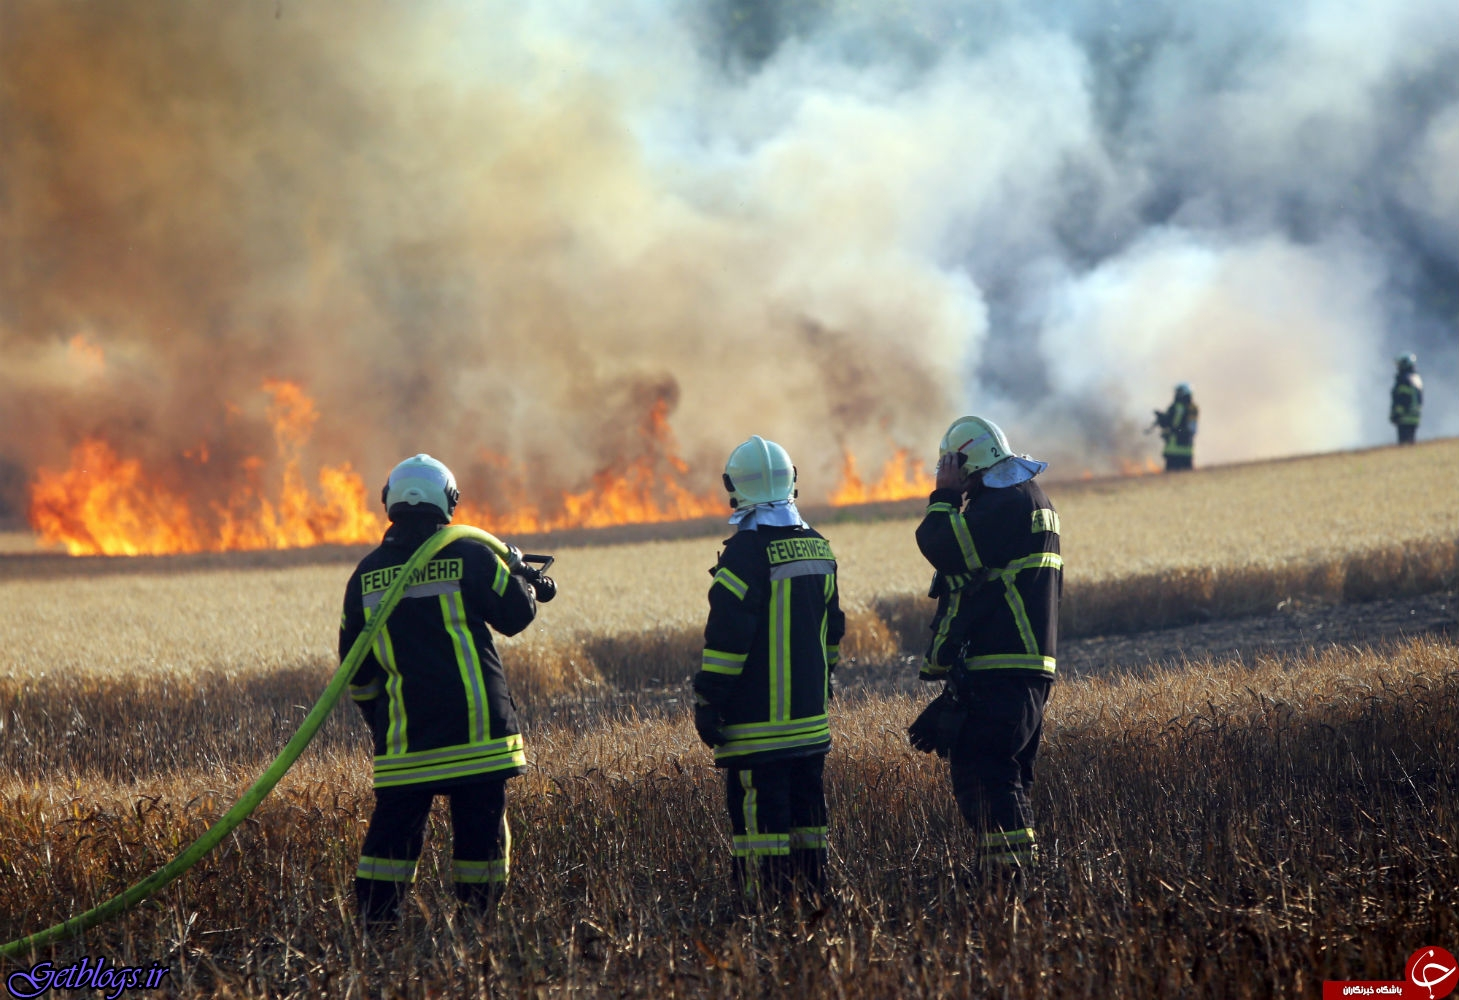 تصاویر) + پرندهای که یک مزرعه را به آتش کشید! (